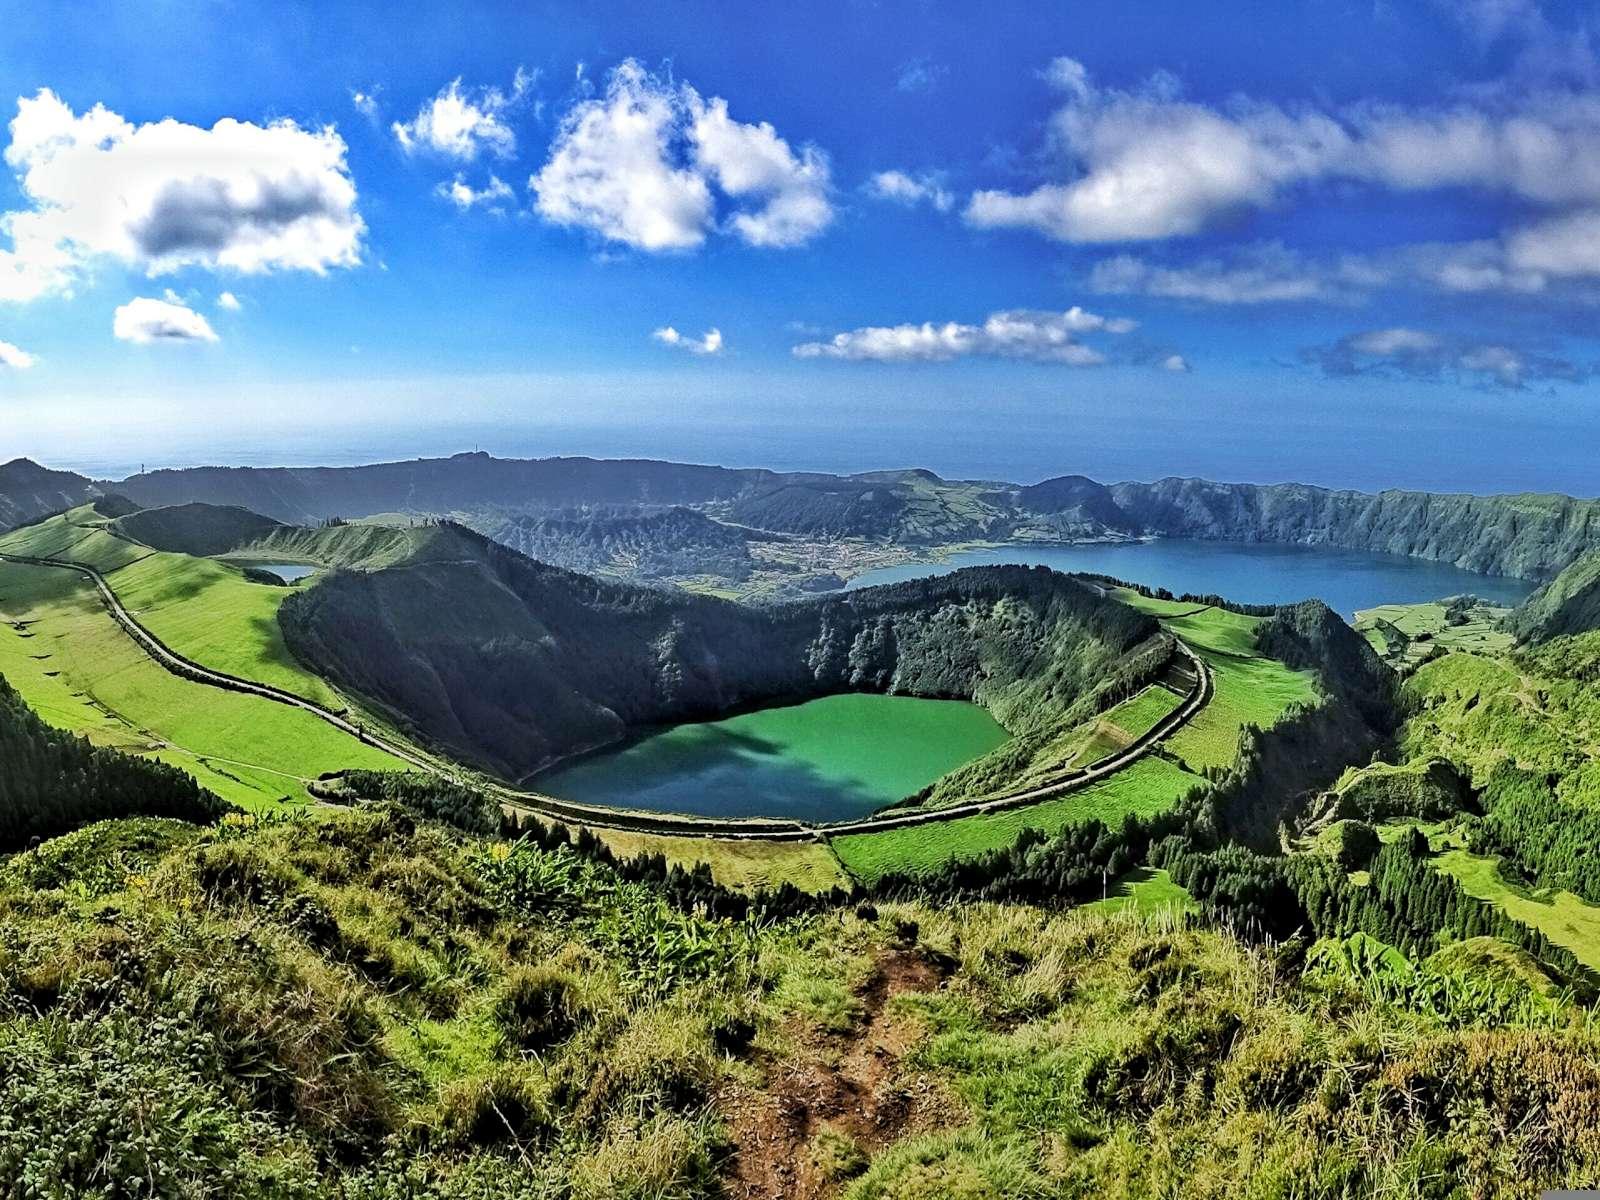 Lacs bleu et vert du cratère du volcan de Sete Cidades sur l'île de São Miguel